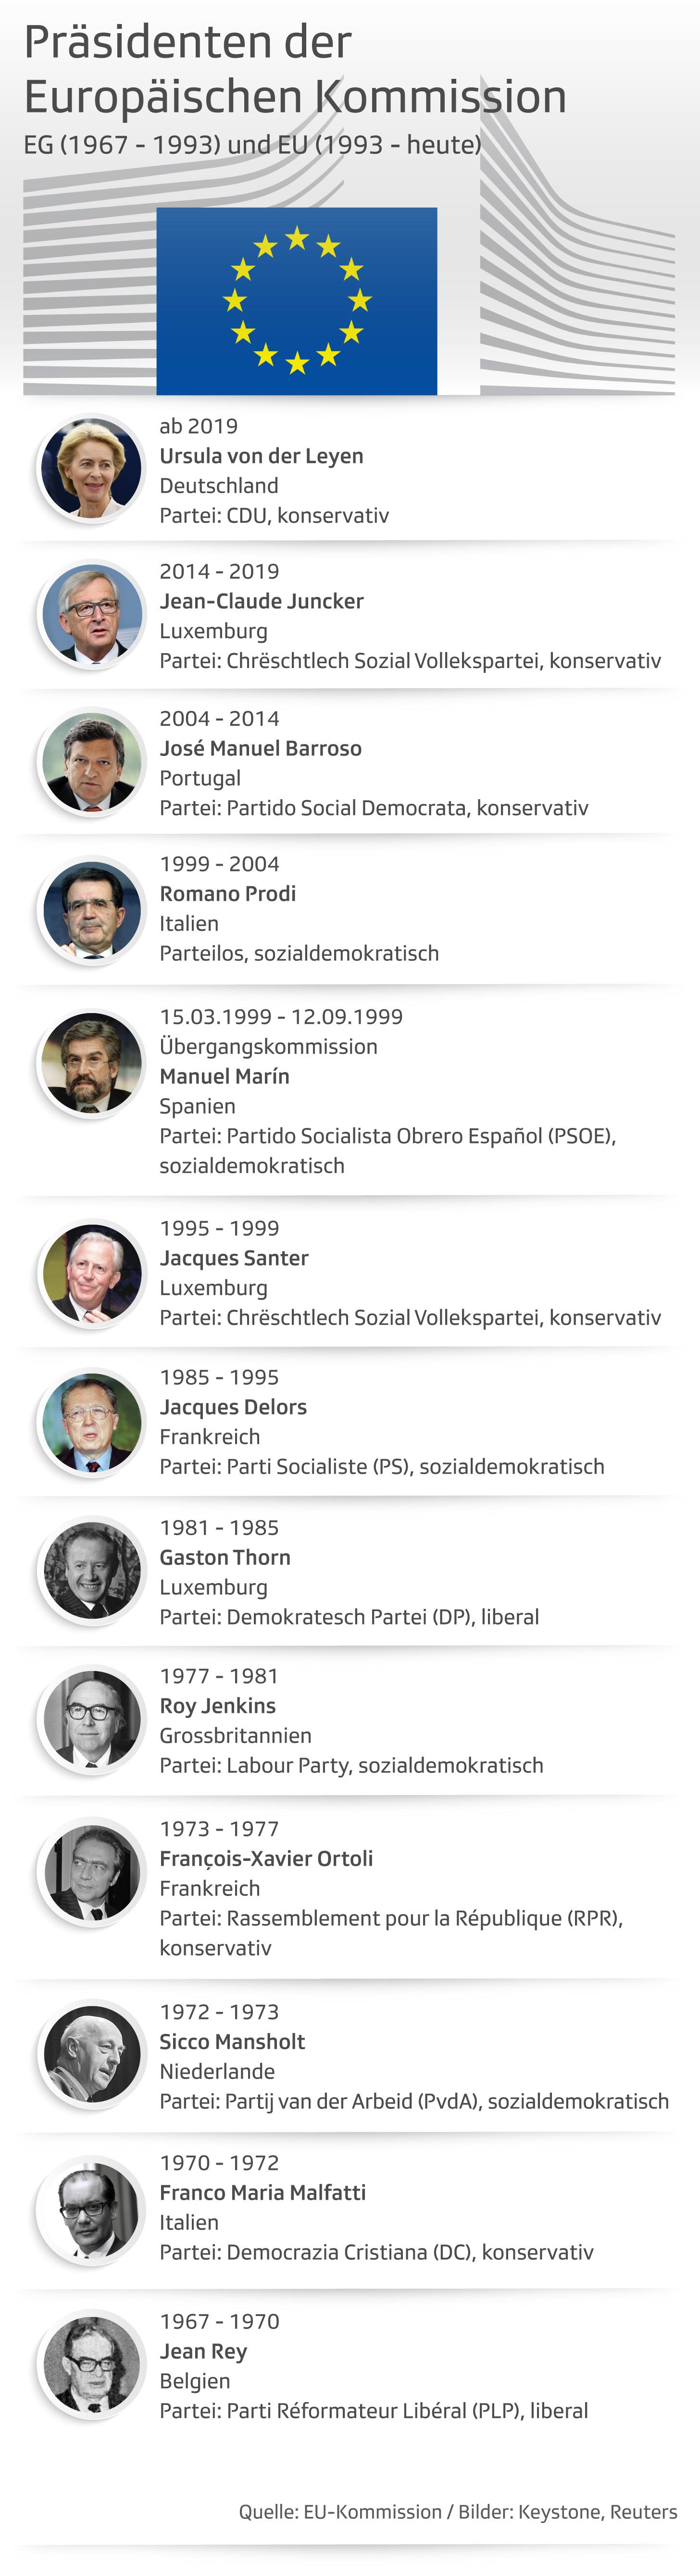 Grafik zeigt alle EG- bzw. EU-Kommissionspräsidenten seit 1967